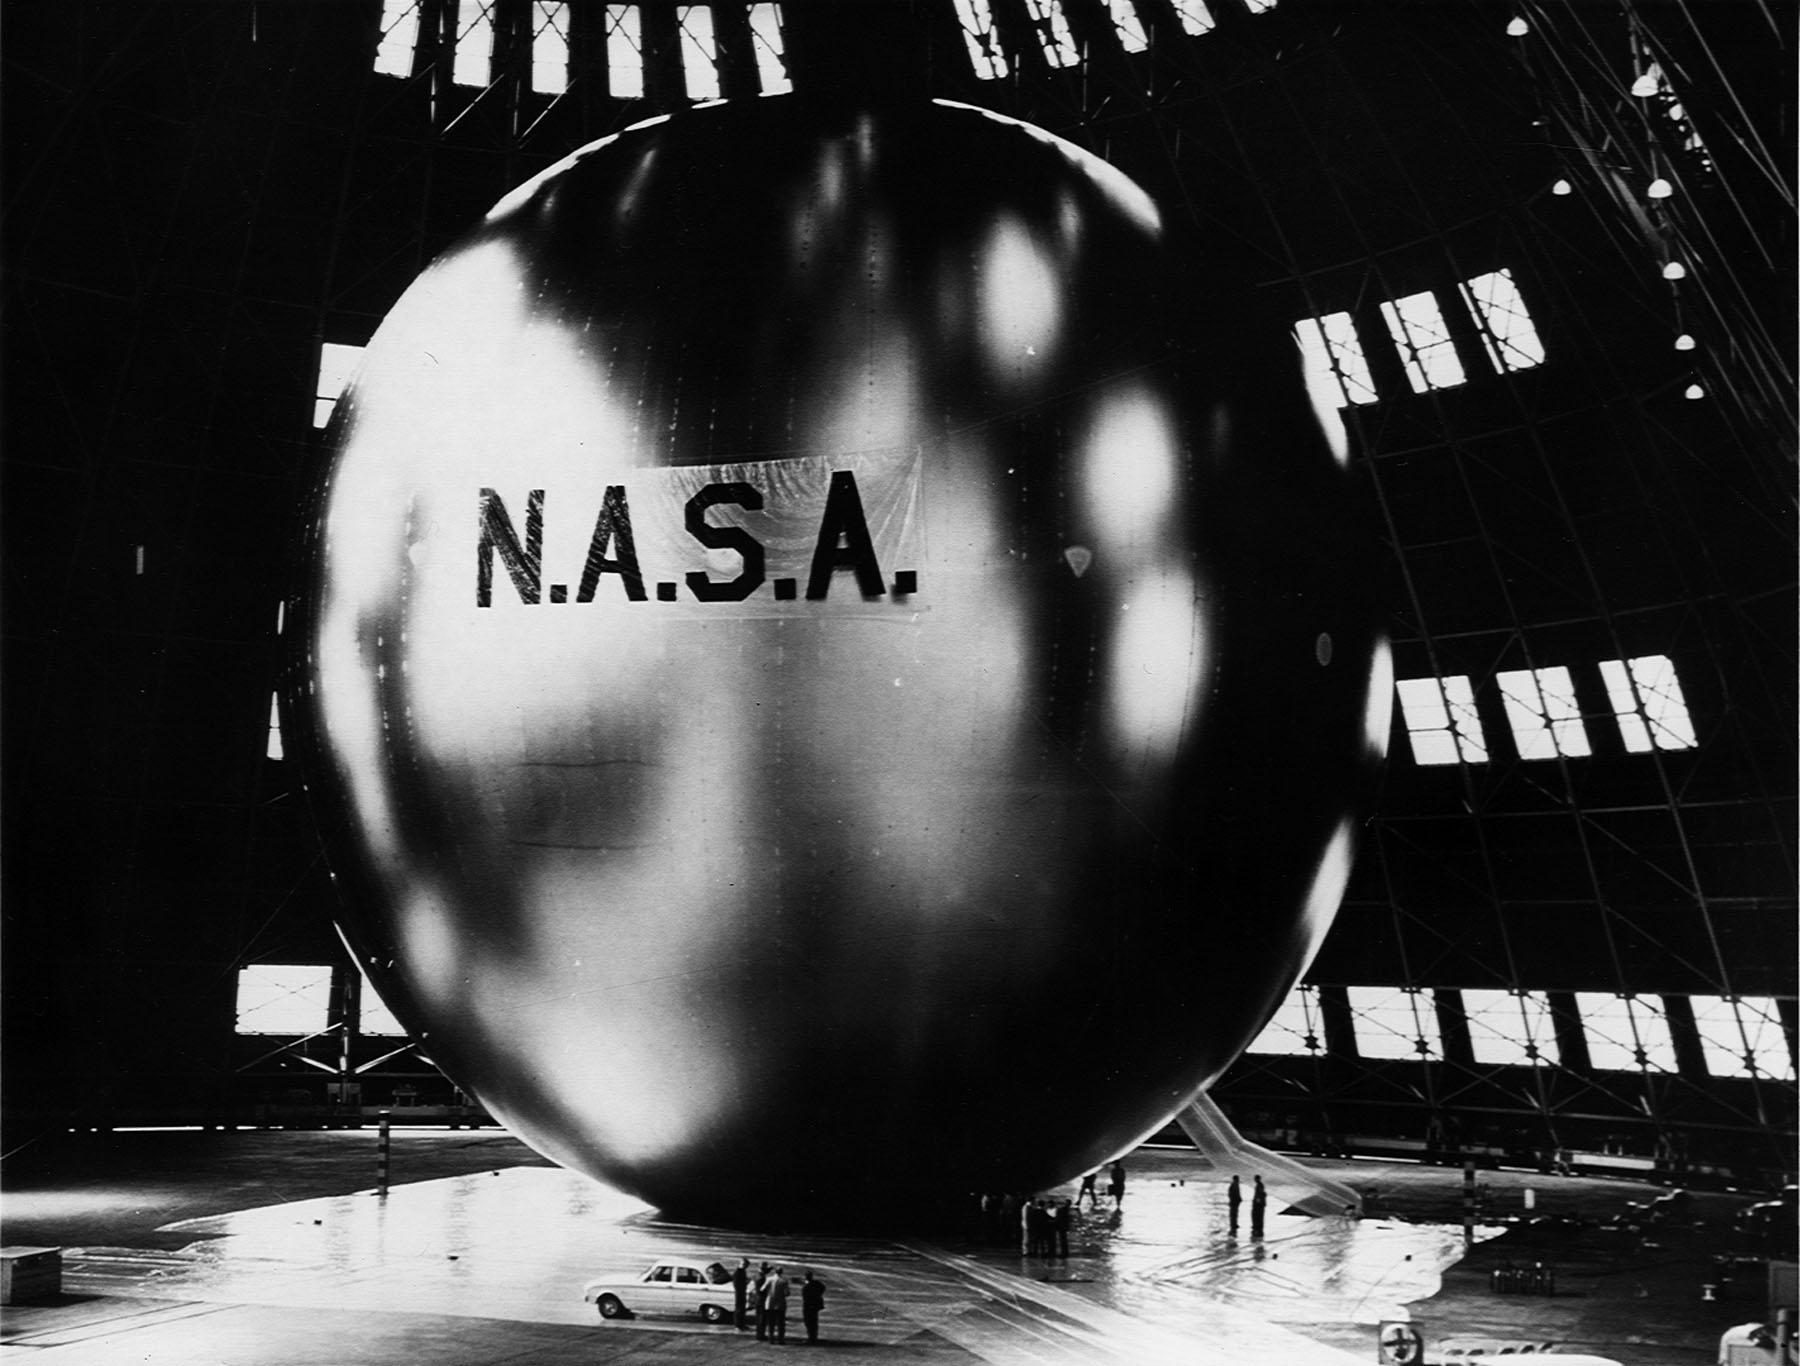 """Это - спутник """"Echo"""". Металлизированный баллон диаметров в 100 футов из шестидесятых. И возможный прототип для орбитальных """"Зеркал Архимеда"""". Материалы официального сайта NASA"""